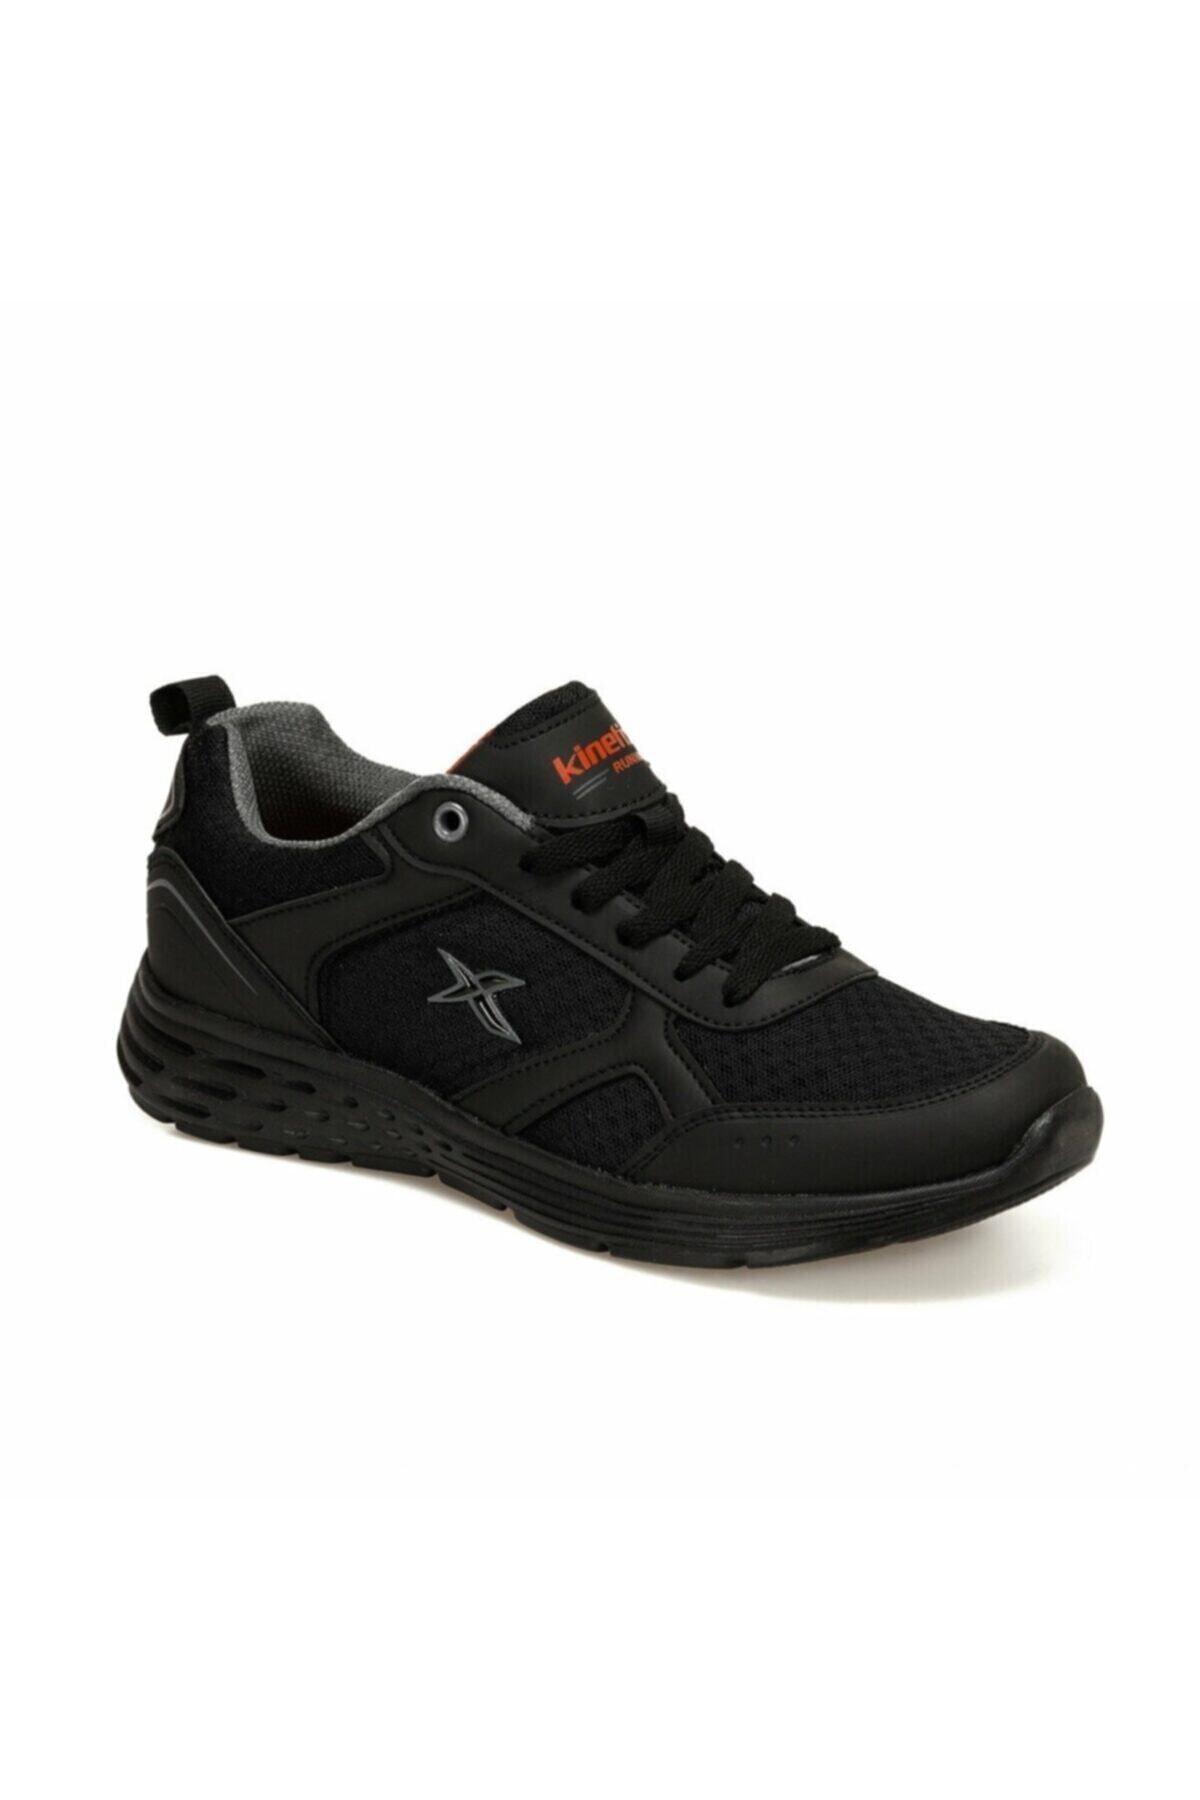 کفش مخصوص پیاده روی زیبا برند کینتیکس kinetix رنگ مشکی کد ty36784192